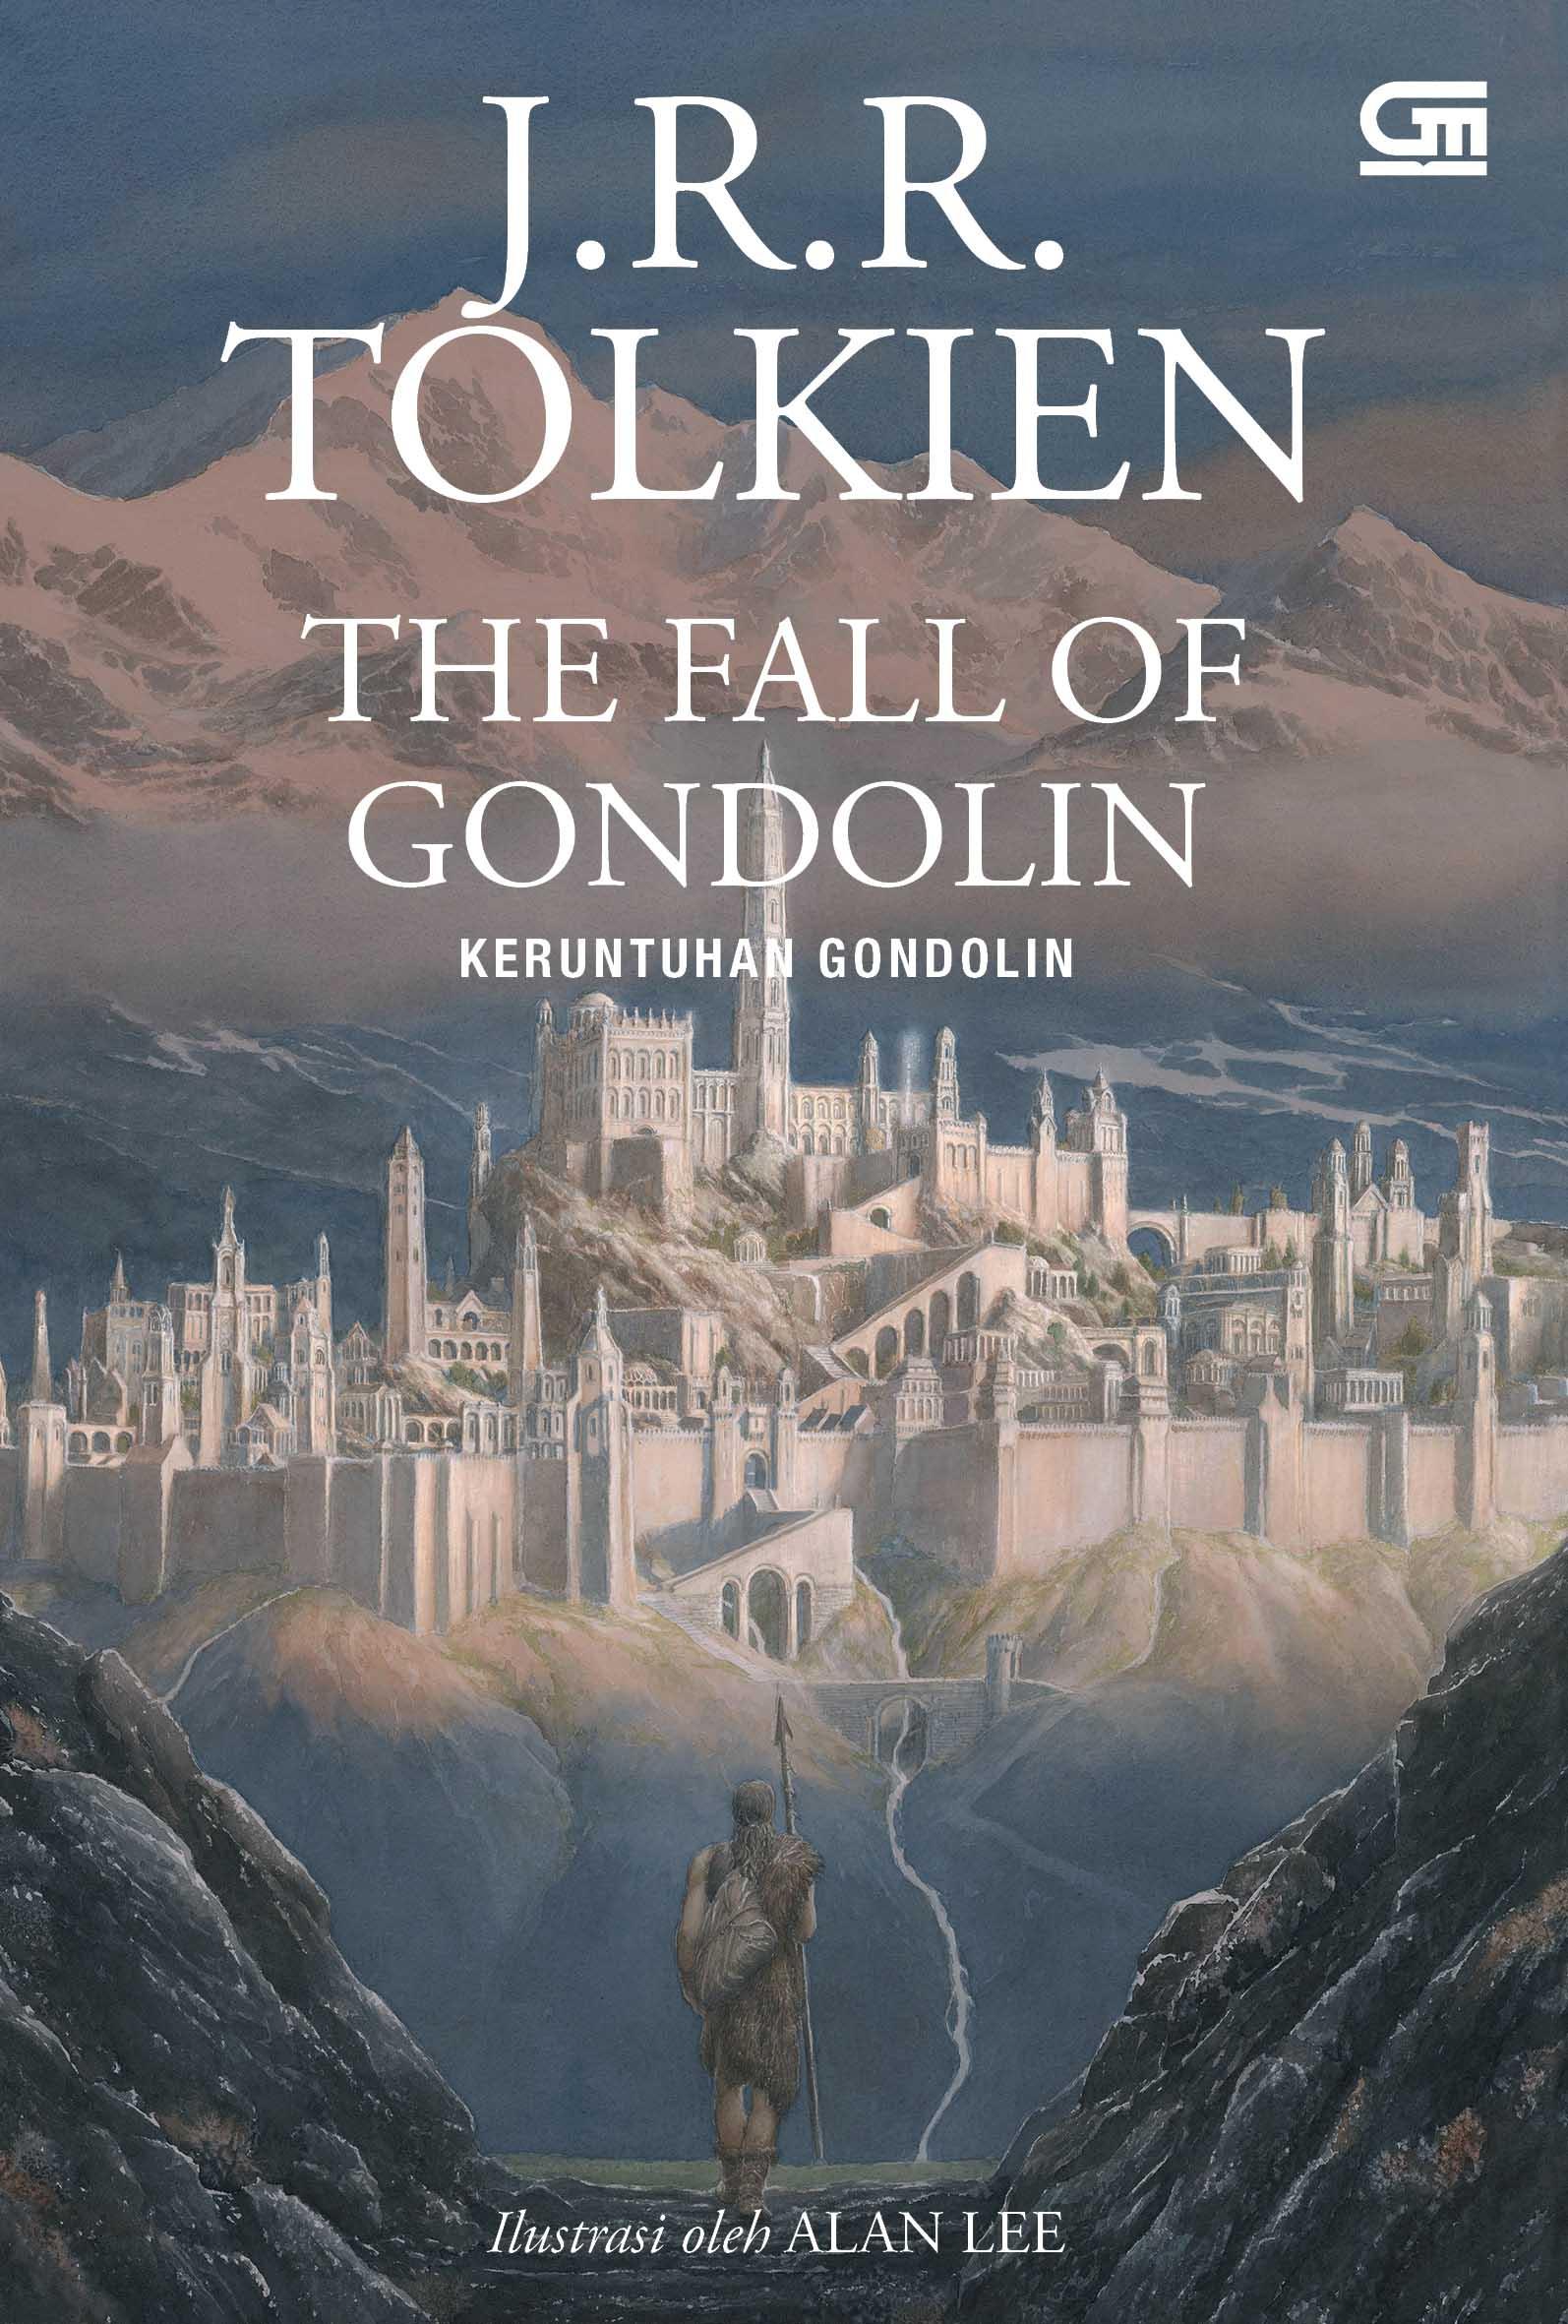 Keruntuhan Gondolin (The Fall of Gondolin)